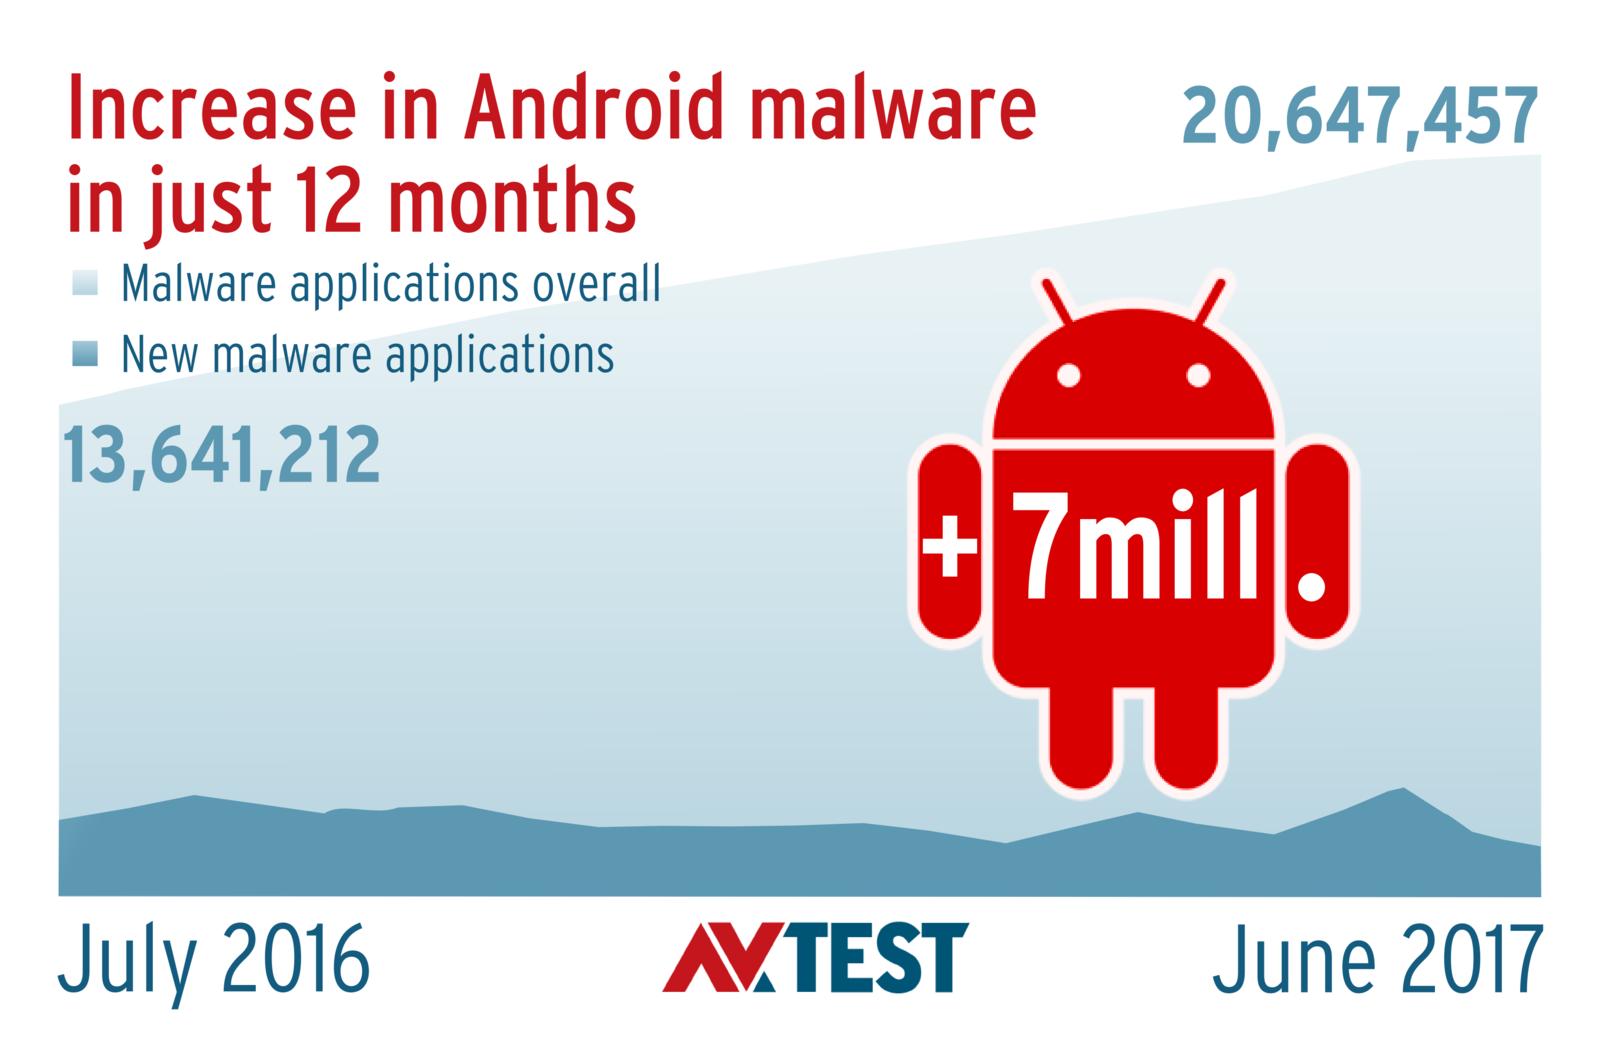 16 Apps for Android in an Endurance Test | AV-TEST